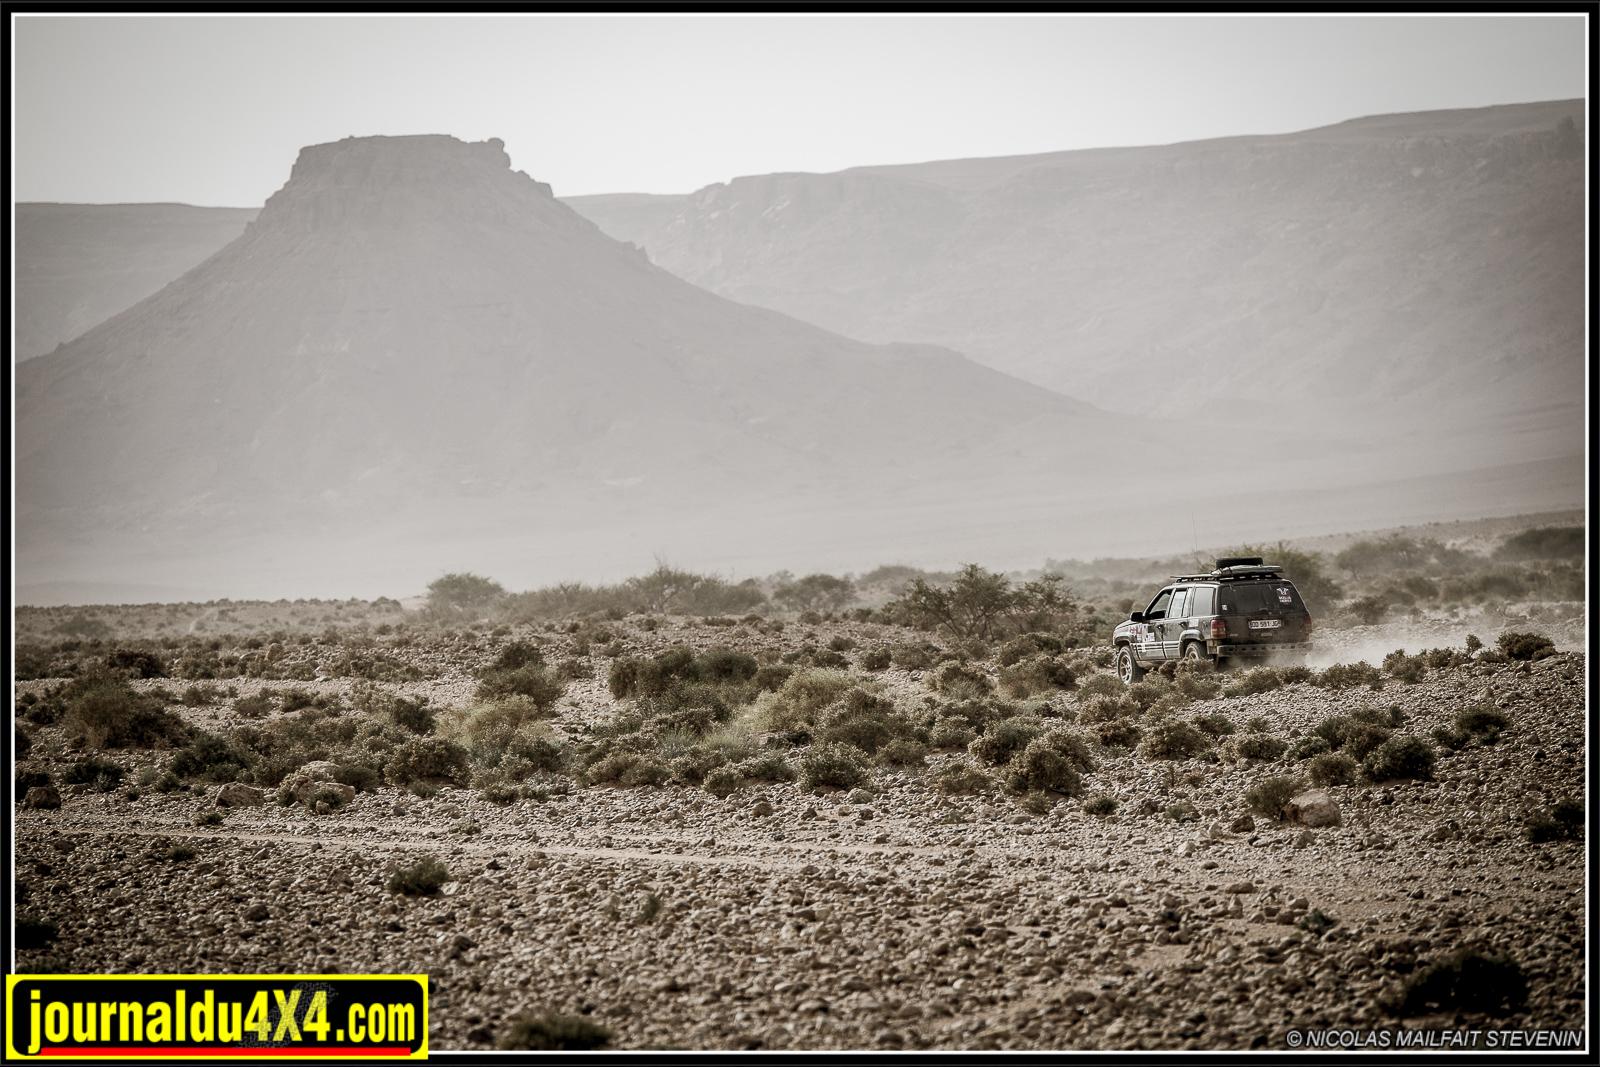 Suivi par une trainée de poussière le 4x4 évolue dans un environnement aride